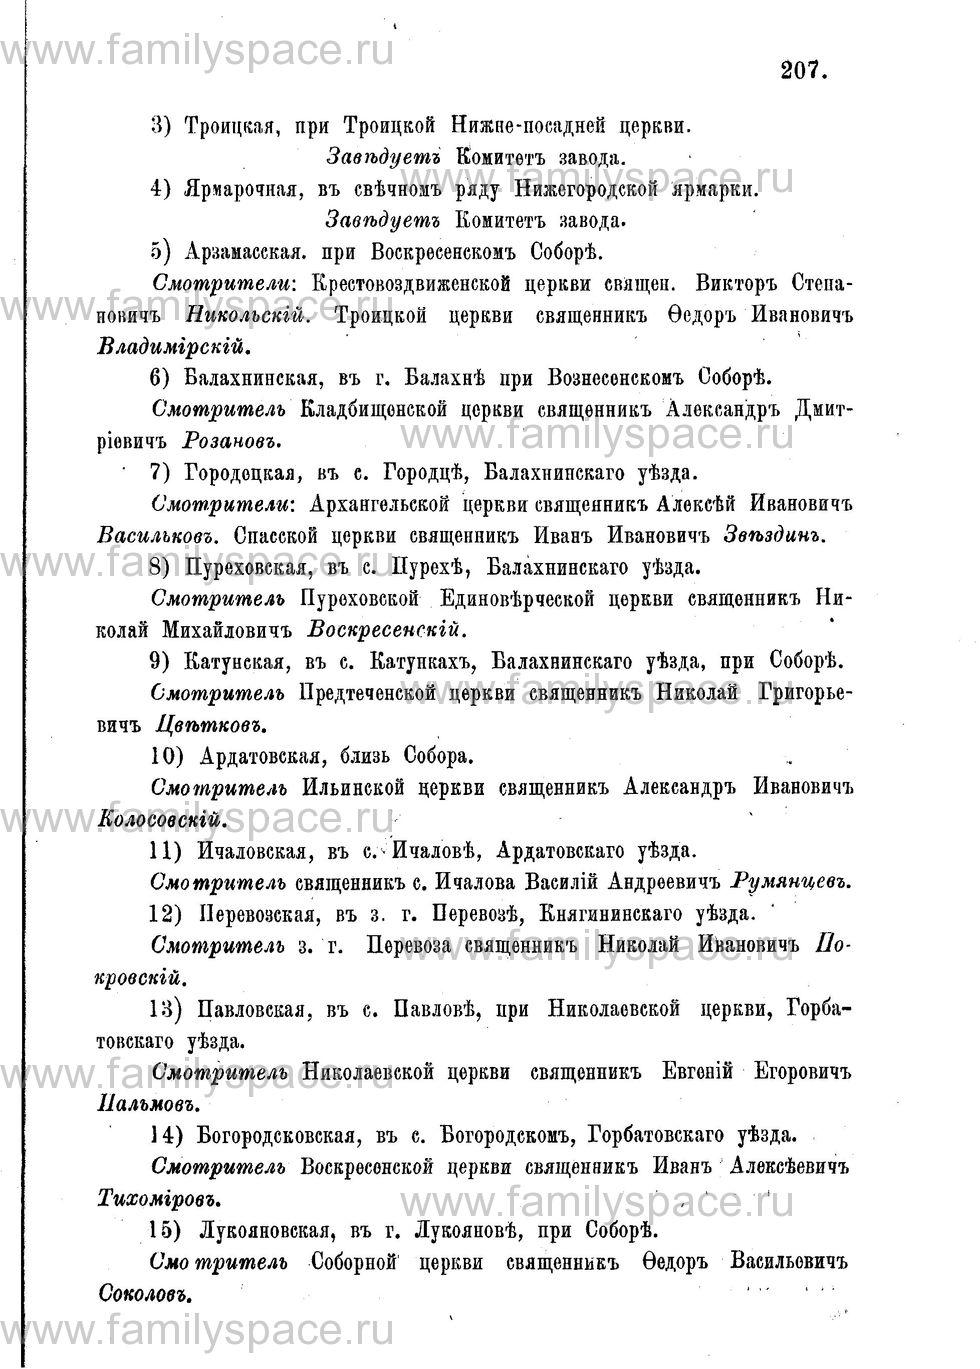 Поиск по фамилии - Адрес-календарь Нижегородской епархии на 1888 год, страница 1207